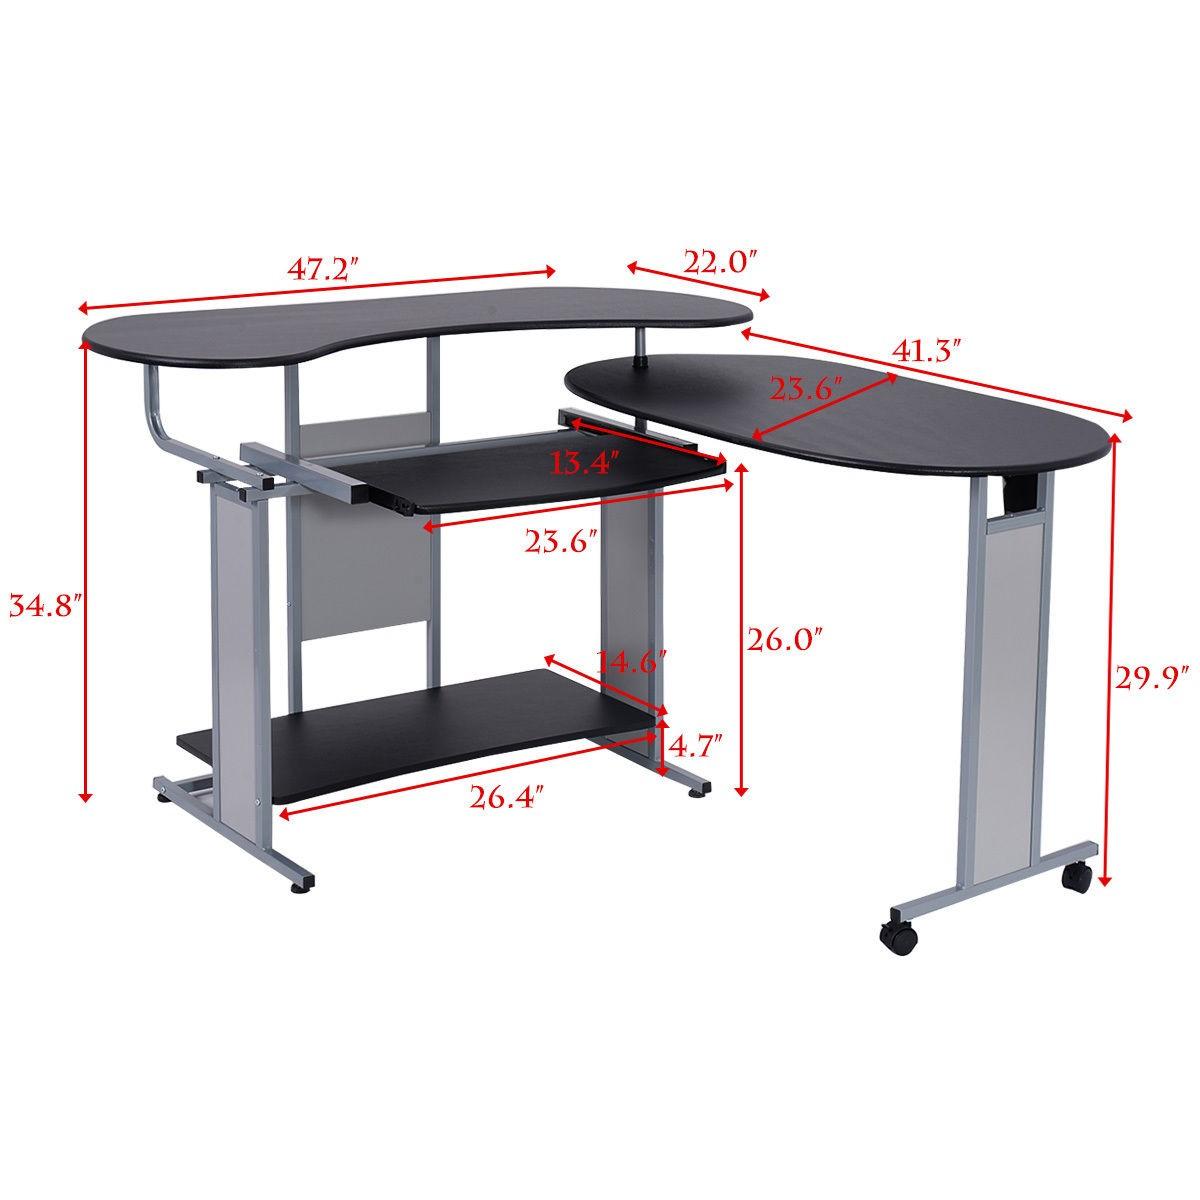 L Shaped Corner Desk Computer Workstation Home Office: LH Expandable L-Shaped Computer Desk PC Table Corner